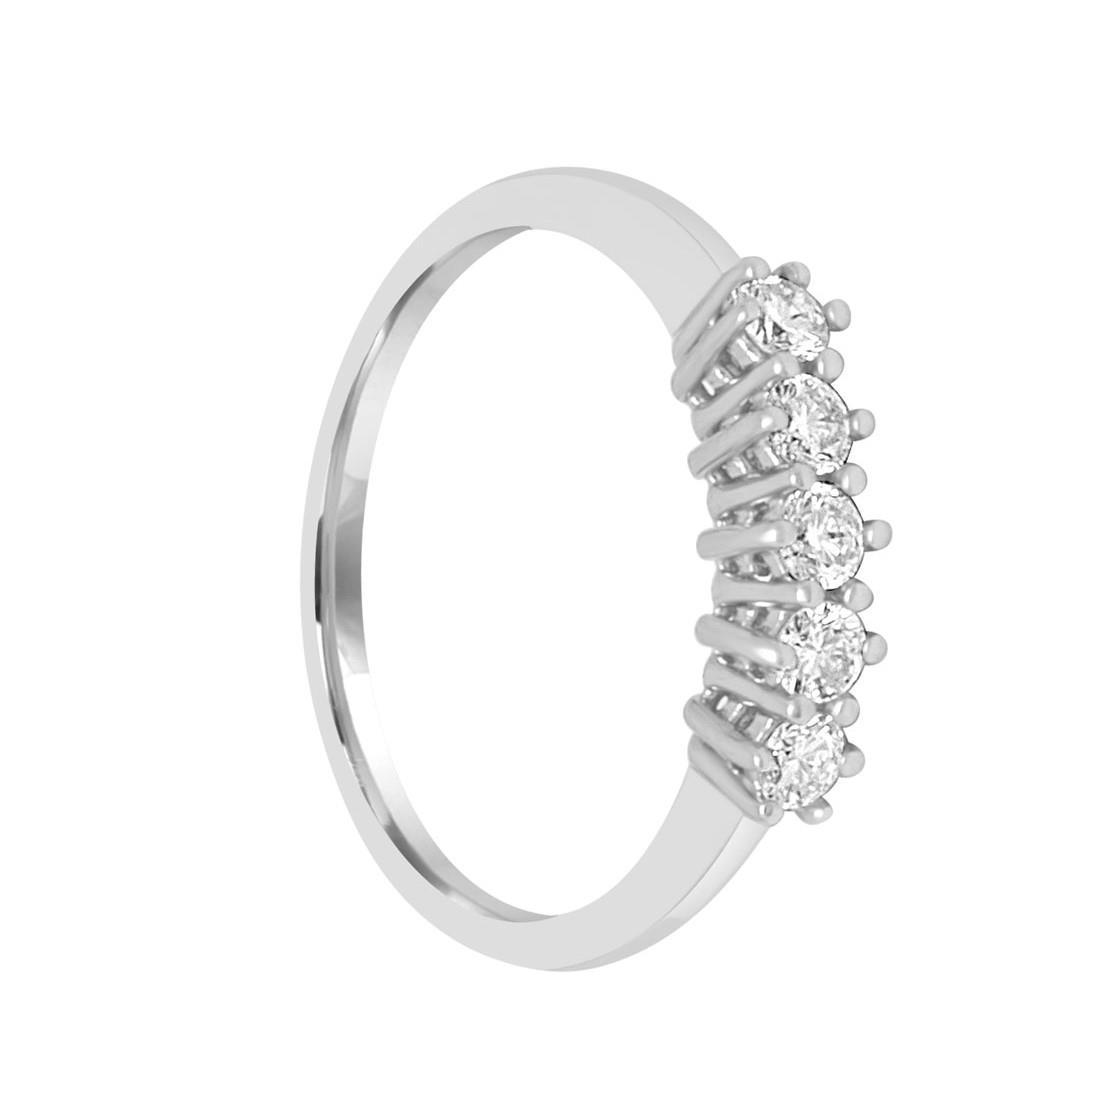 Anello riviere 5 pietre in oro bianco con diamanti 0.30 ct - ALFIERI & ST. JOHN